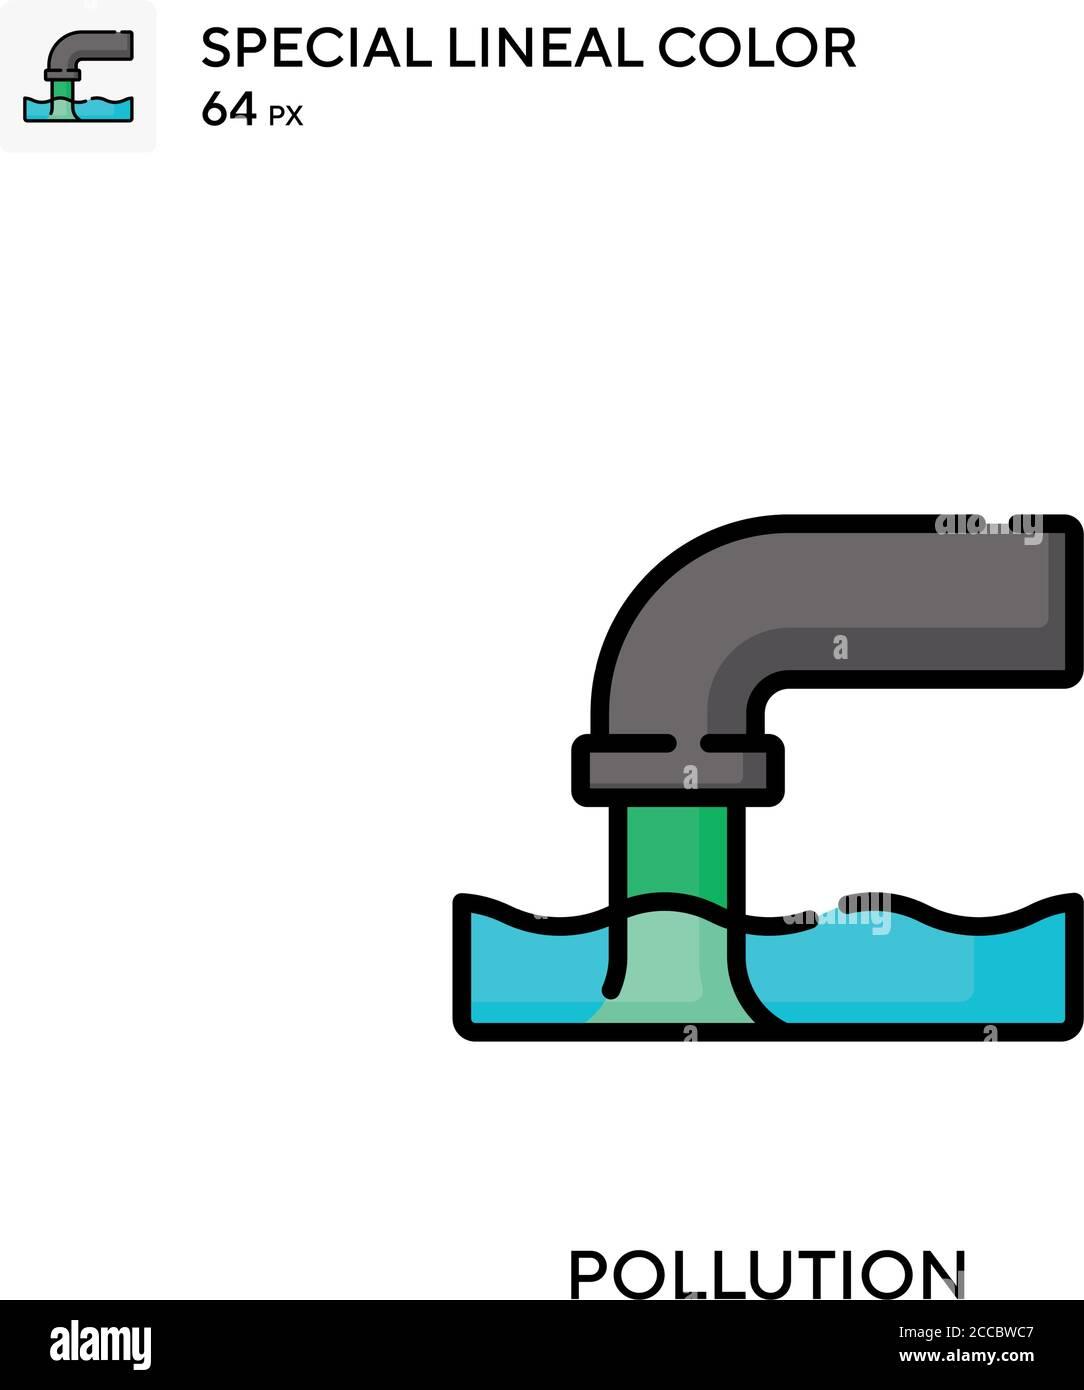 Contaminación icono de color lineal especial. Plantilla de diseño de símbolos de ilustración para elemento de interfaz de usuario móvil web. Pictograma moderno de color perfecto en trazo editable. Ilustración del Vector